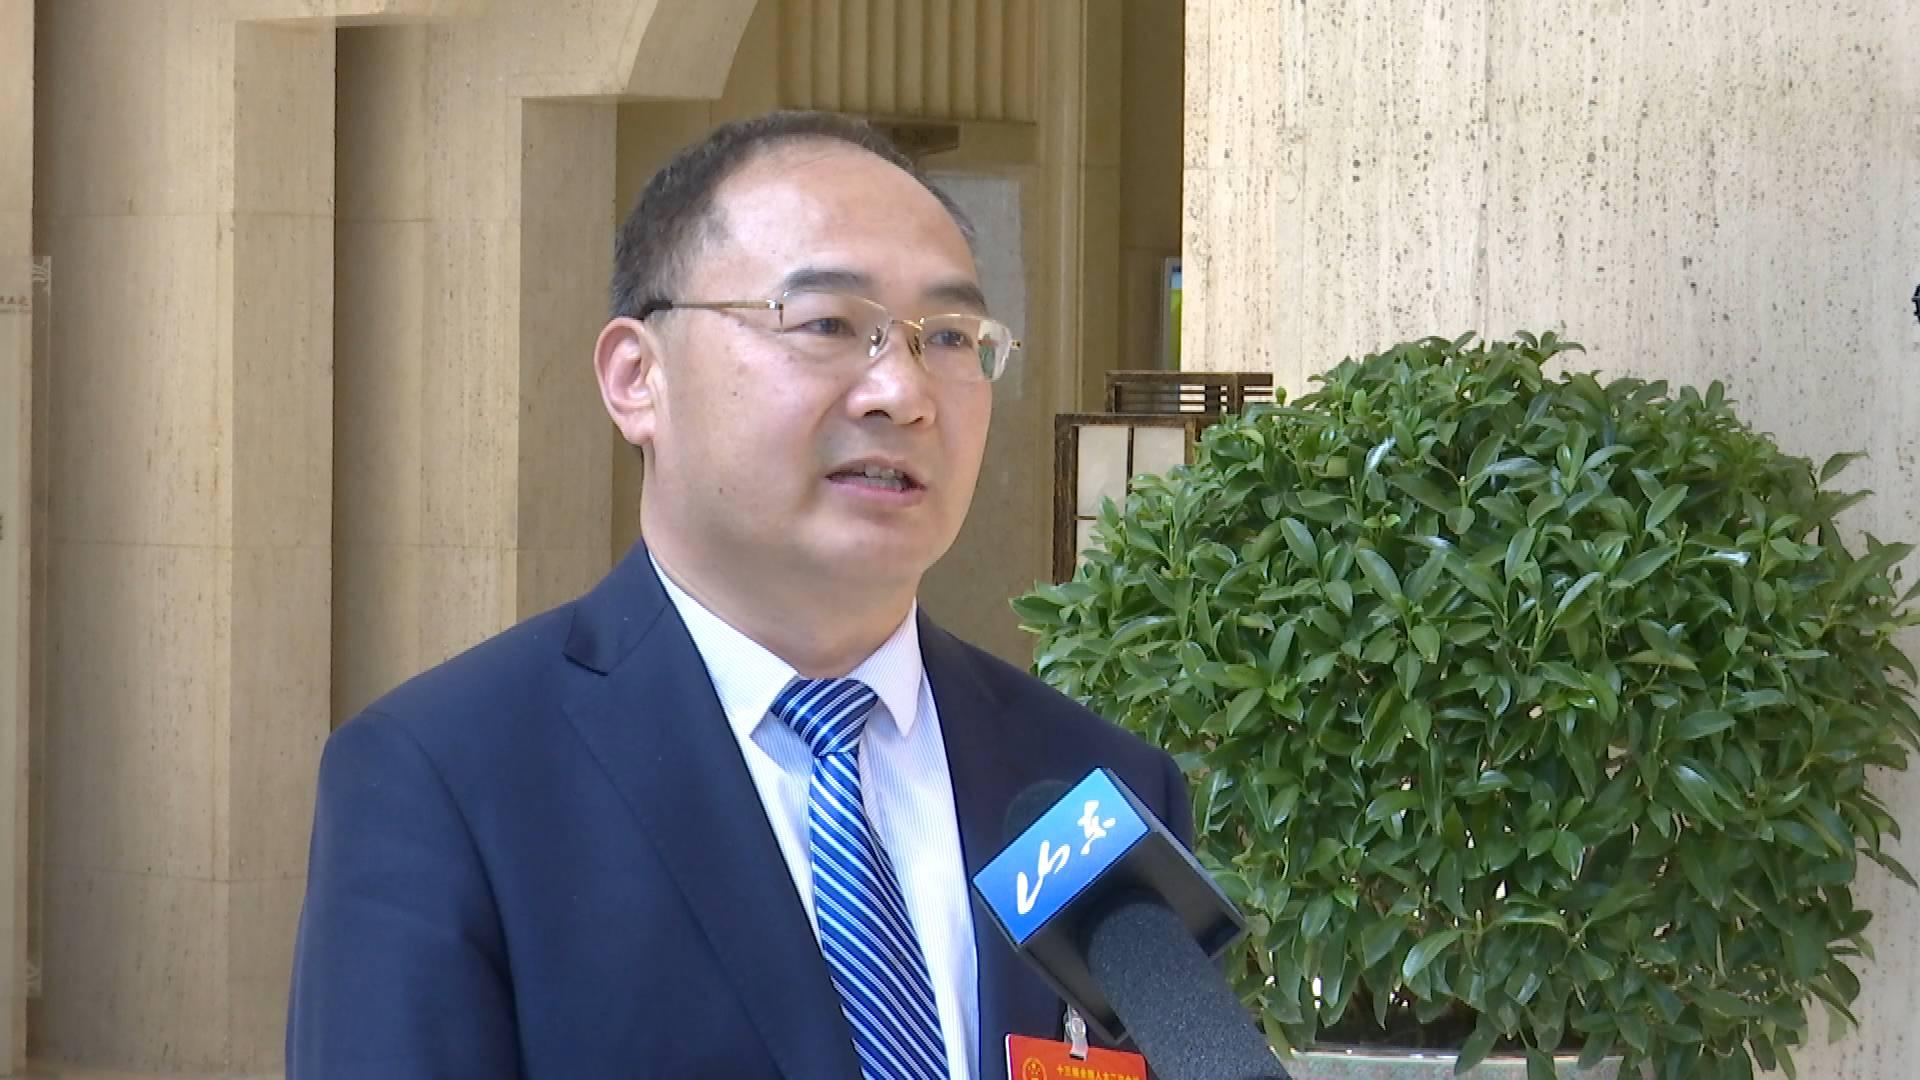 全国人大代表王学斌谈为基层减负:形式主义对党和政府在人民中的形象造成影响